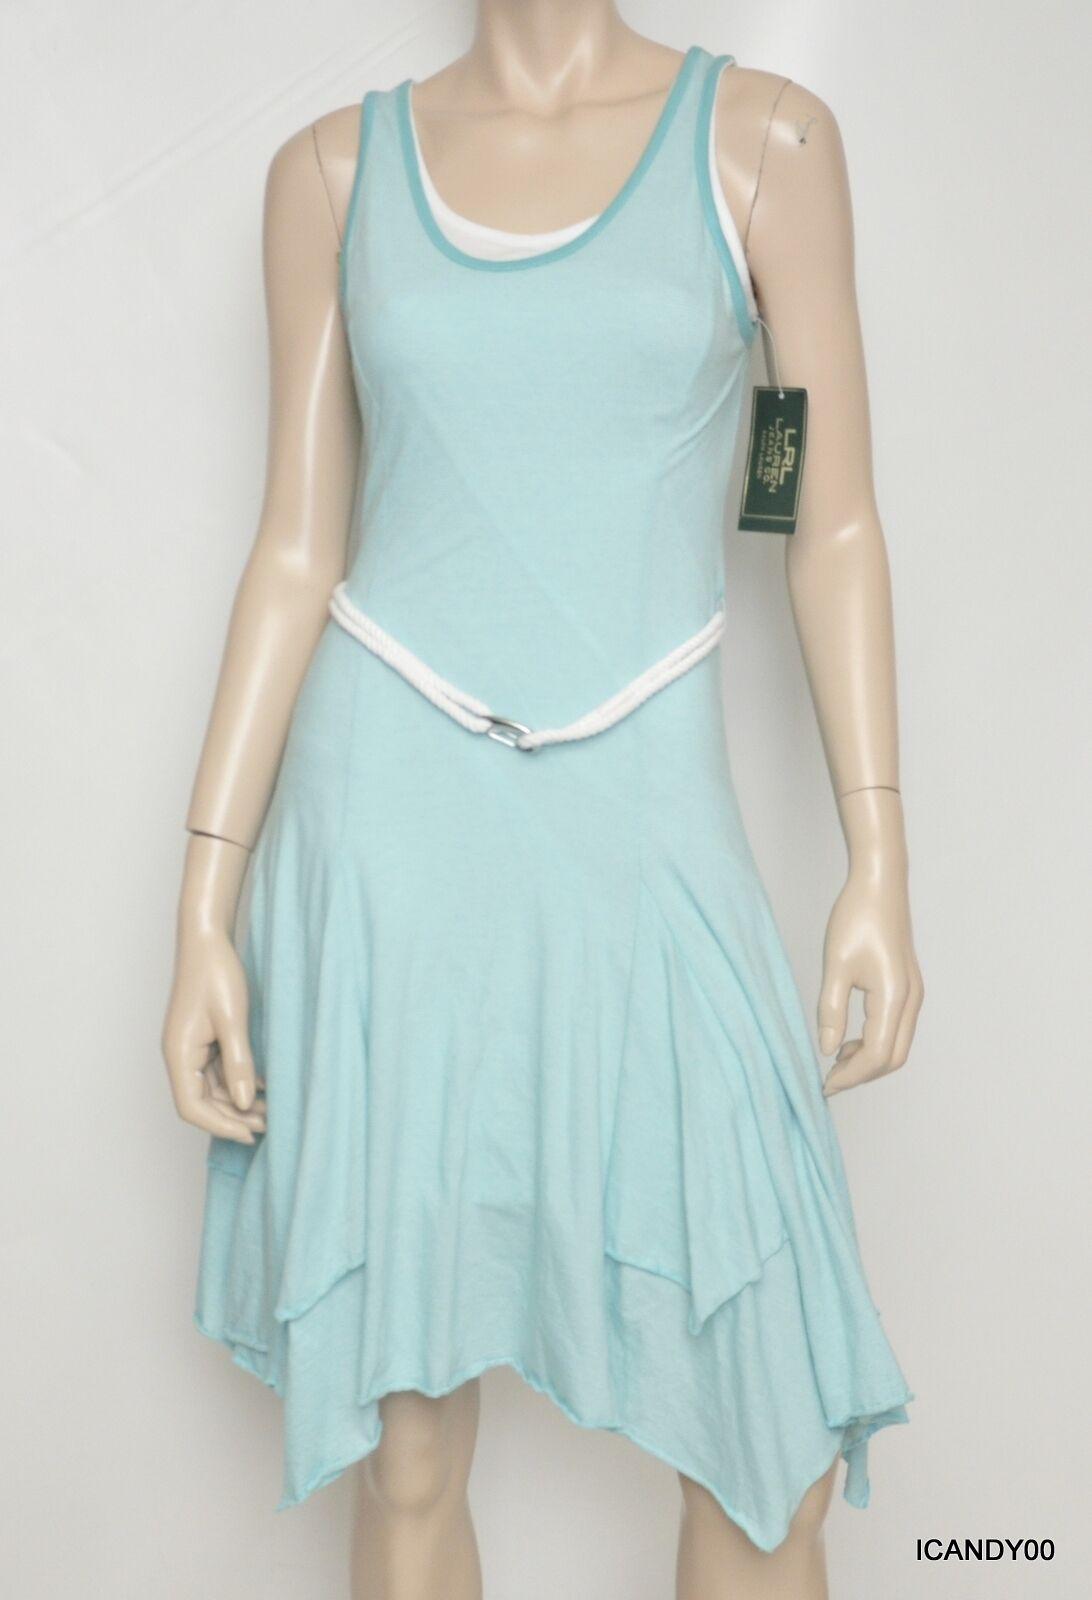 Nwt  LRL RALPH LAUREN Jeans Co Cotton Sleeveless Belted Dress Aqua Weiß XS